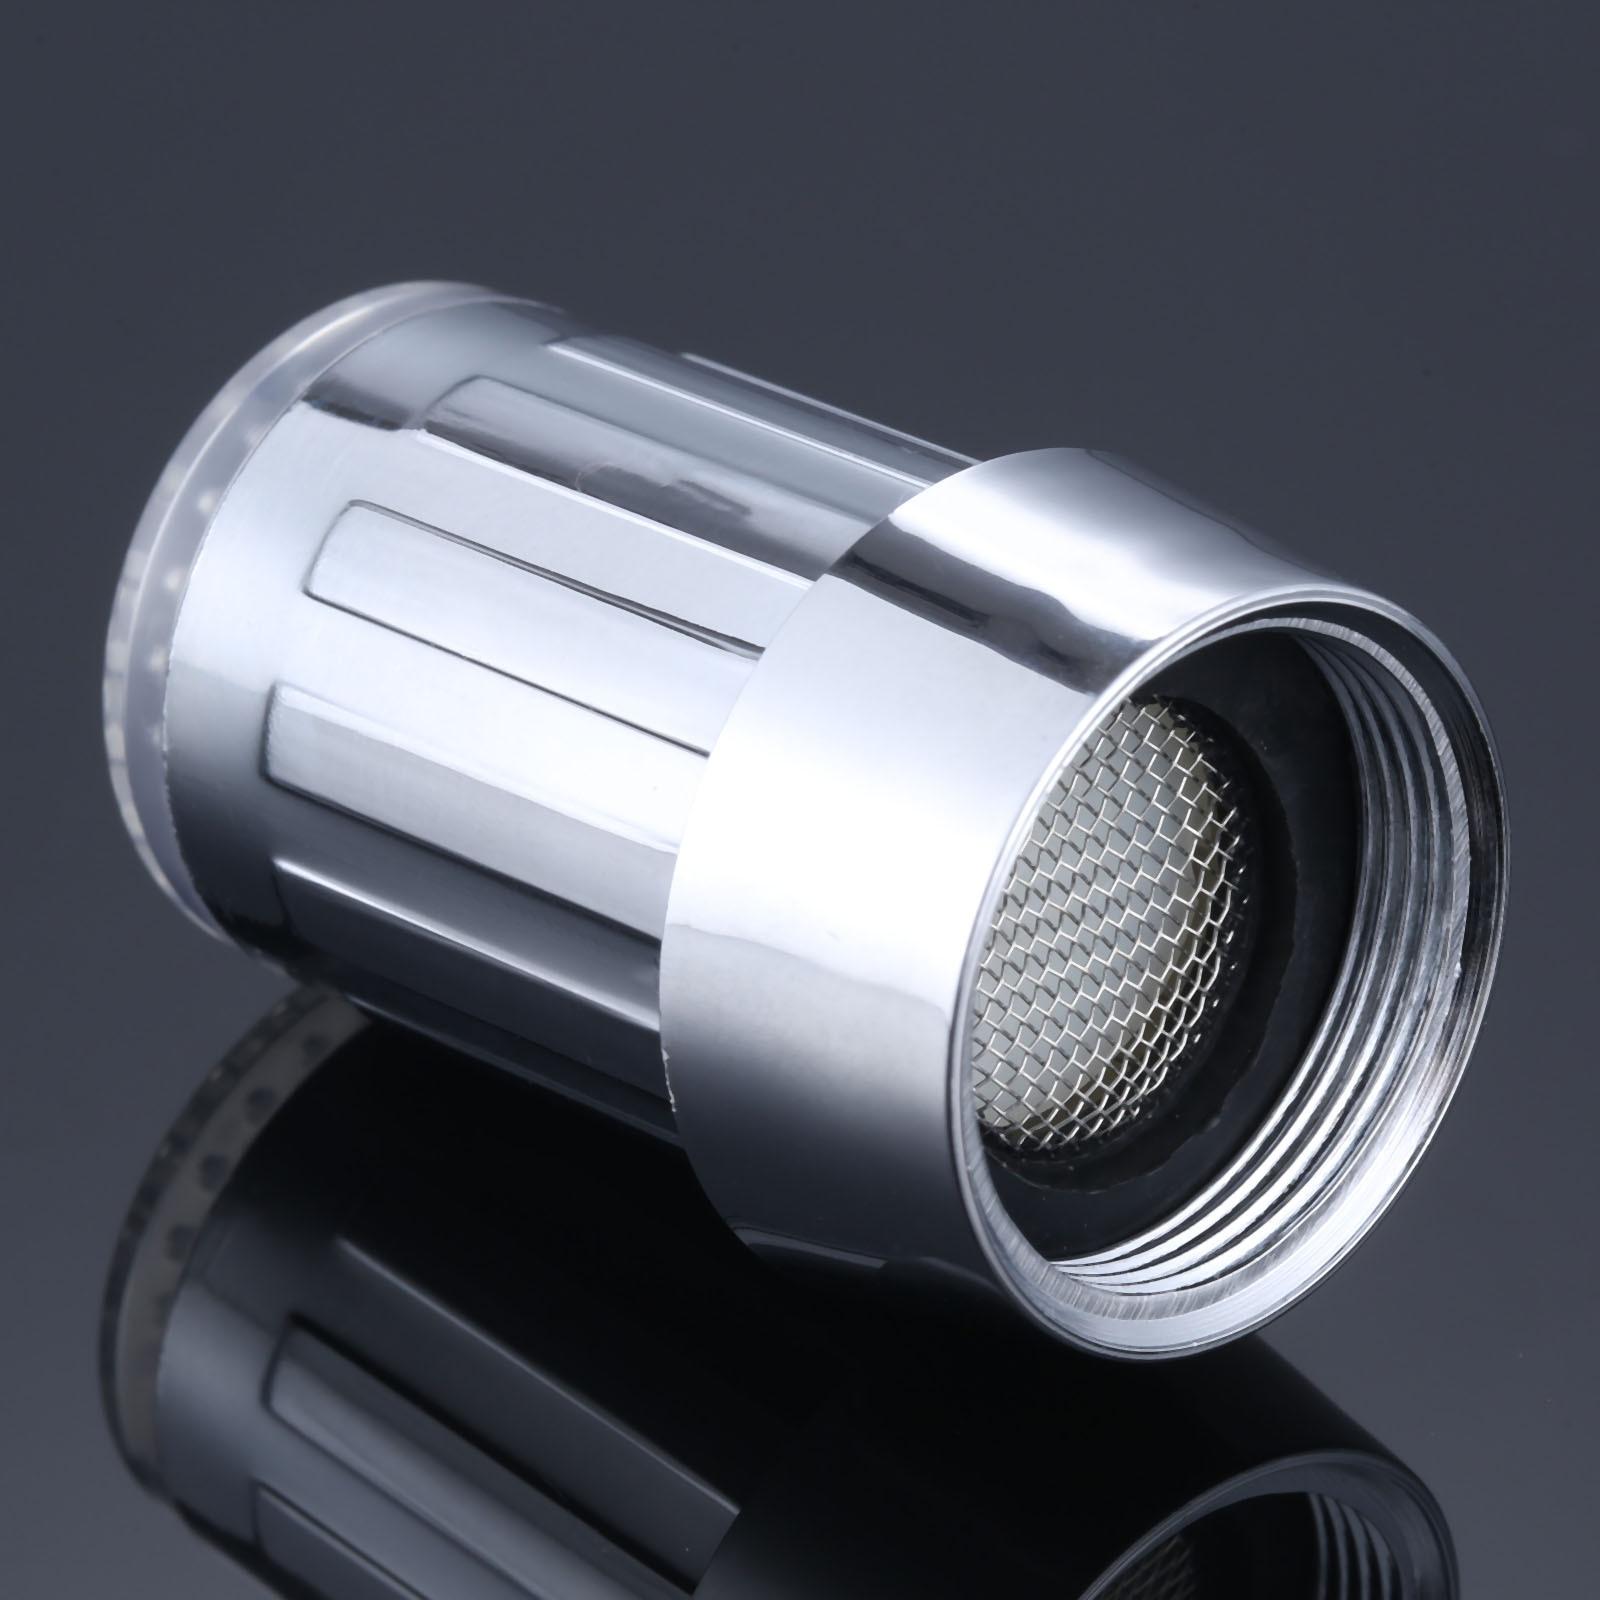 [해외]LED Water Faucet Stream Light Kitchen Bathroom Shower Tap Faucet Nozzle Head Temperature Sensor Blue Light Faucet/LED Water Faucet Stream Light Ki